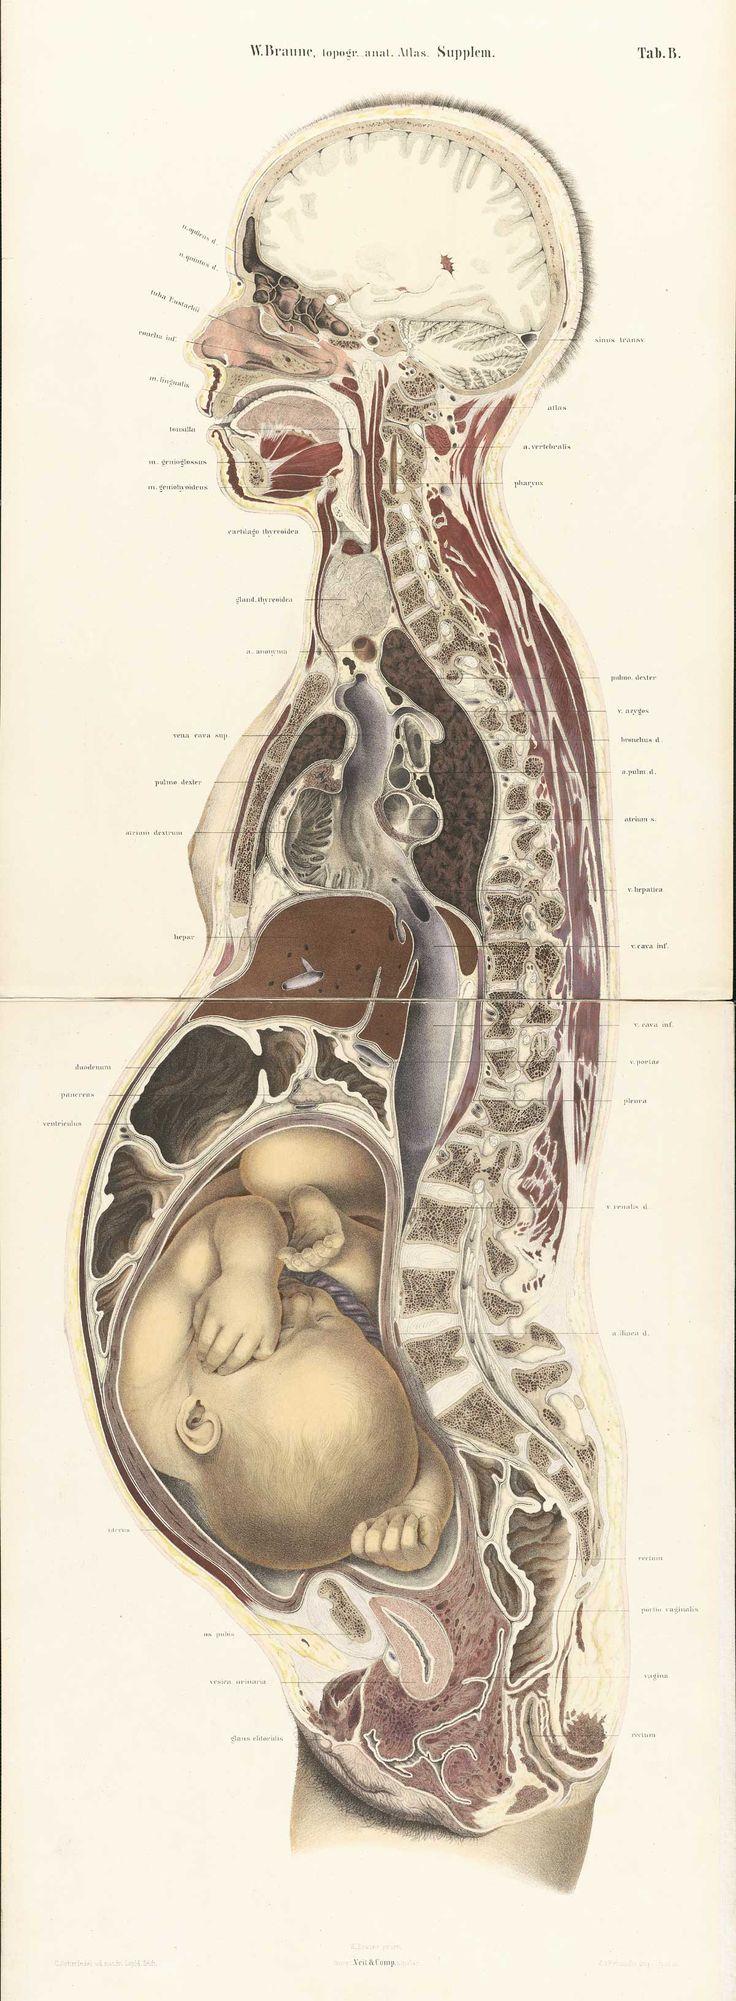 pregnant female body cross-section, by Wilhelm Braune, from Topographisch-anatomischer Atlas : nach Durchschnitten an gefrornen Cadavern, 1867-1872